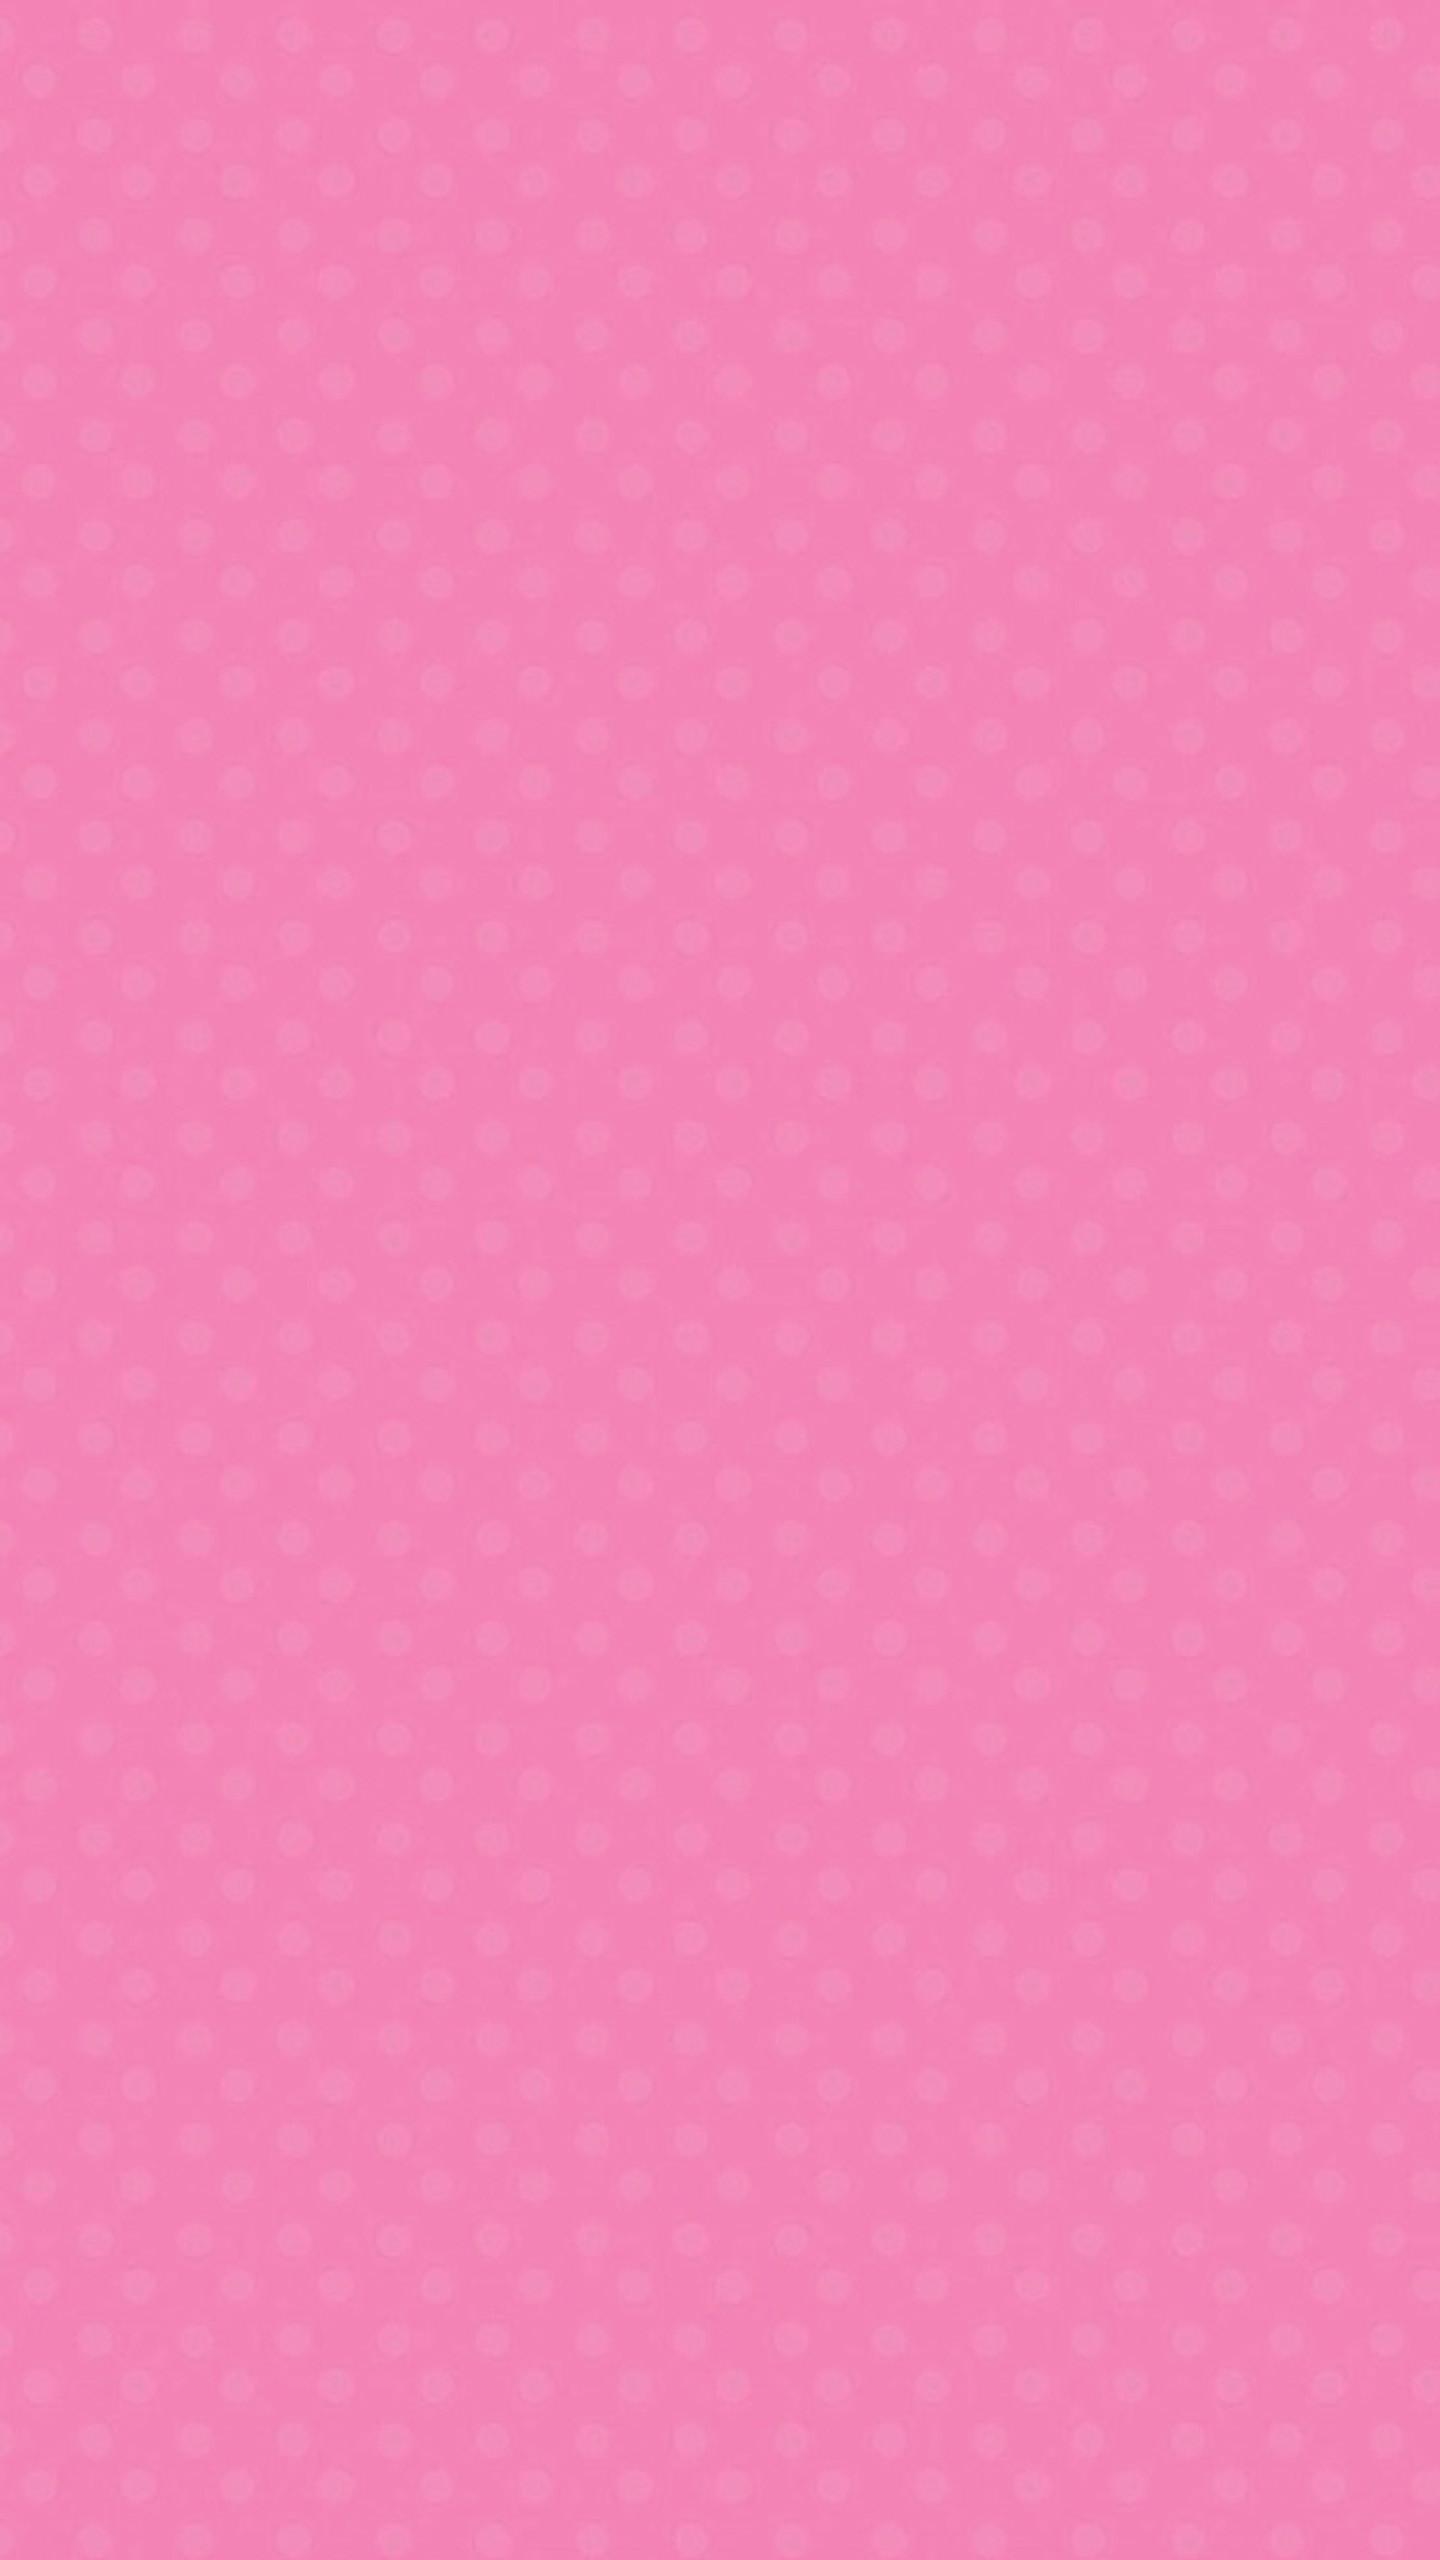 Cute pink texture Galaxy S7 Wallpaper